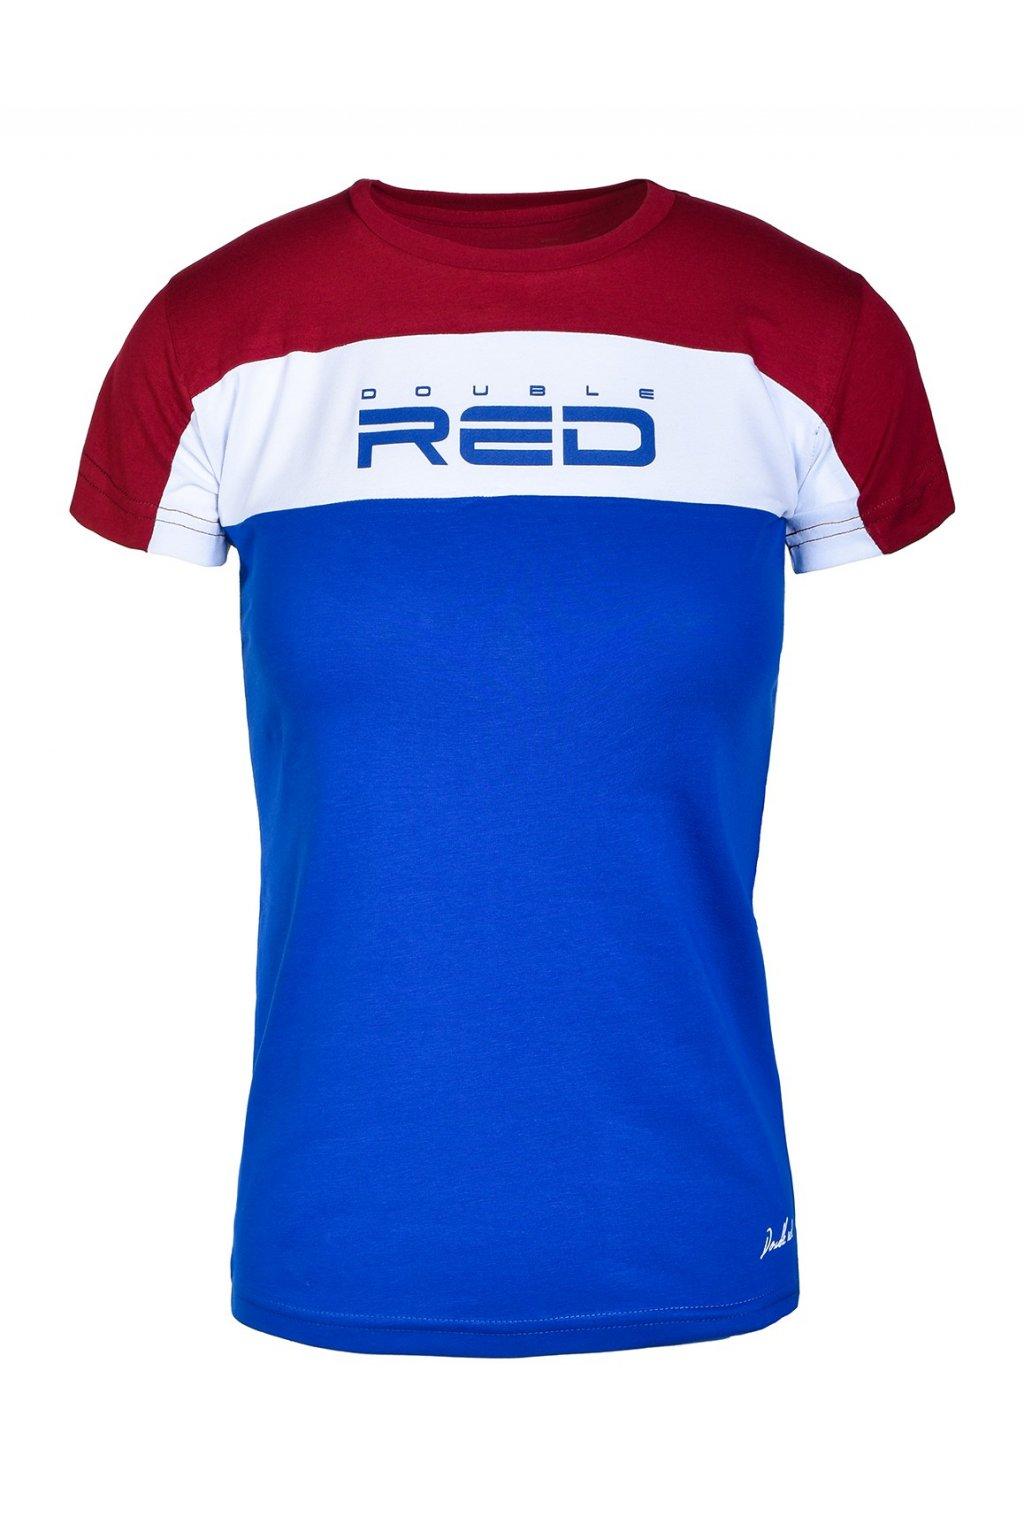 Double Red dámské triko OUTSTANDING Bordeaux/Blue obr1